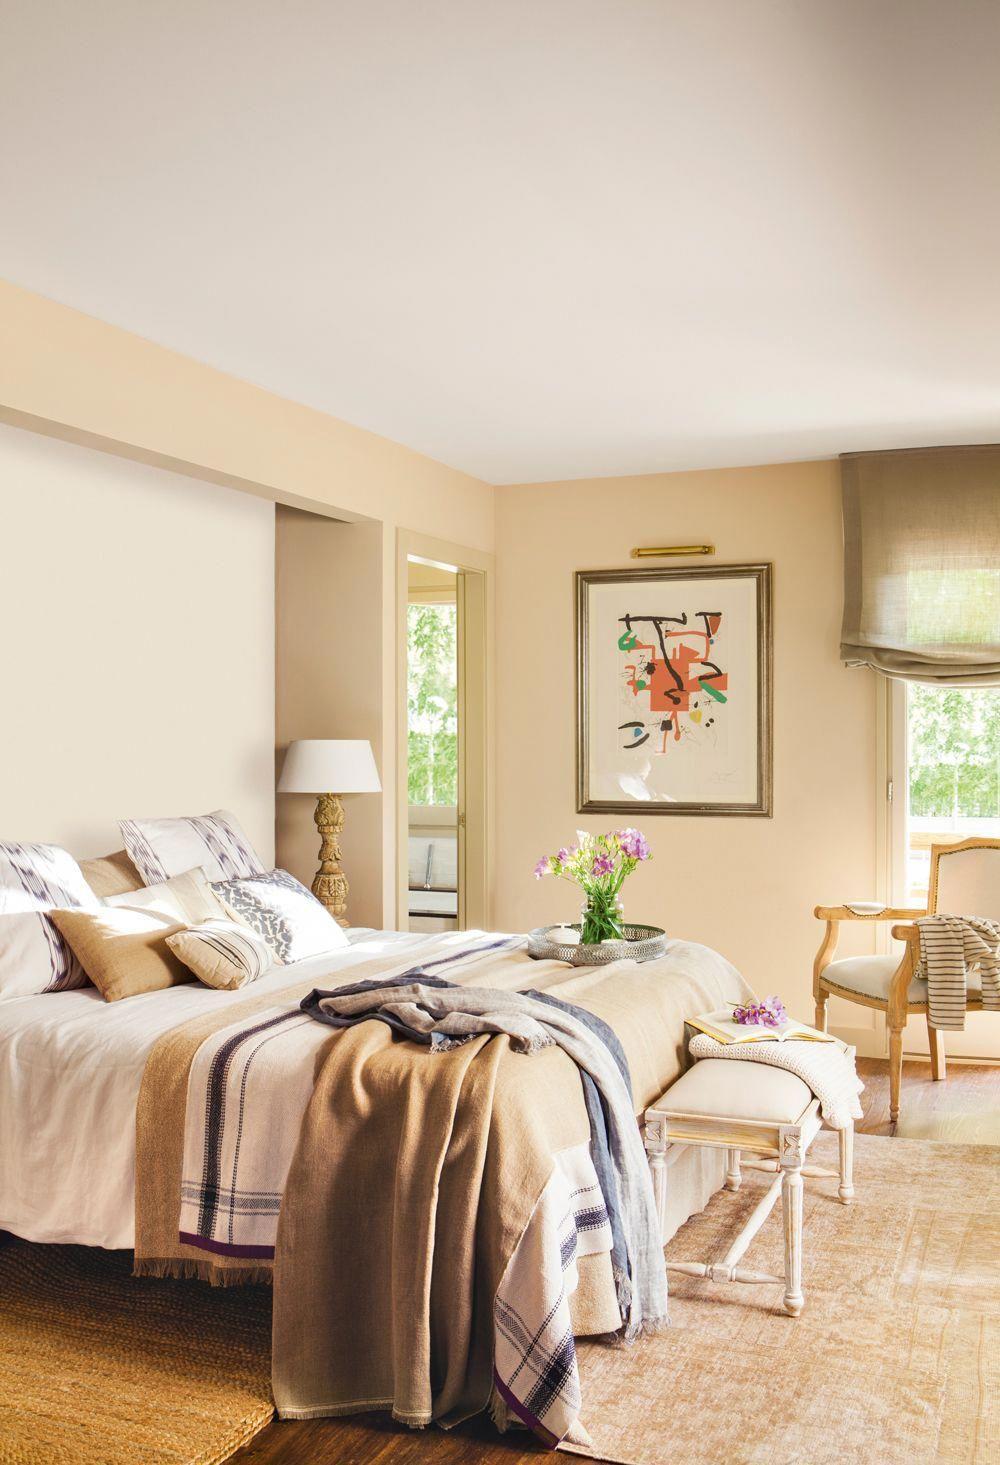 00408964 Dormitorio Con Paredes Pintadas De Distintos Tonos Beige Cuadro Y Ropa De Cama En Tos Colores Para Dormitorio Dormitorios Remodelacion De Dormitorio